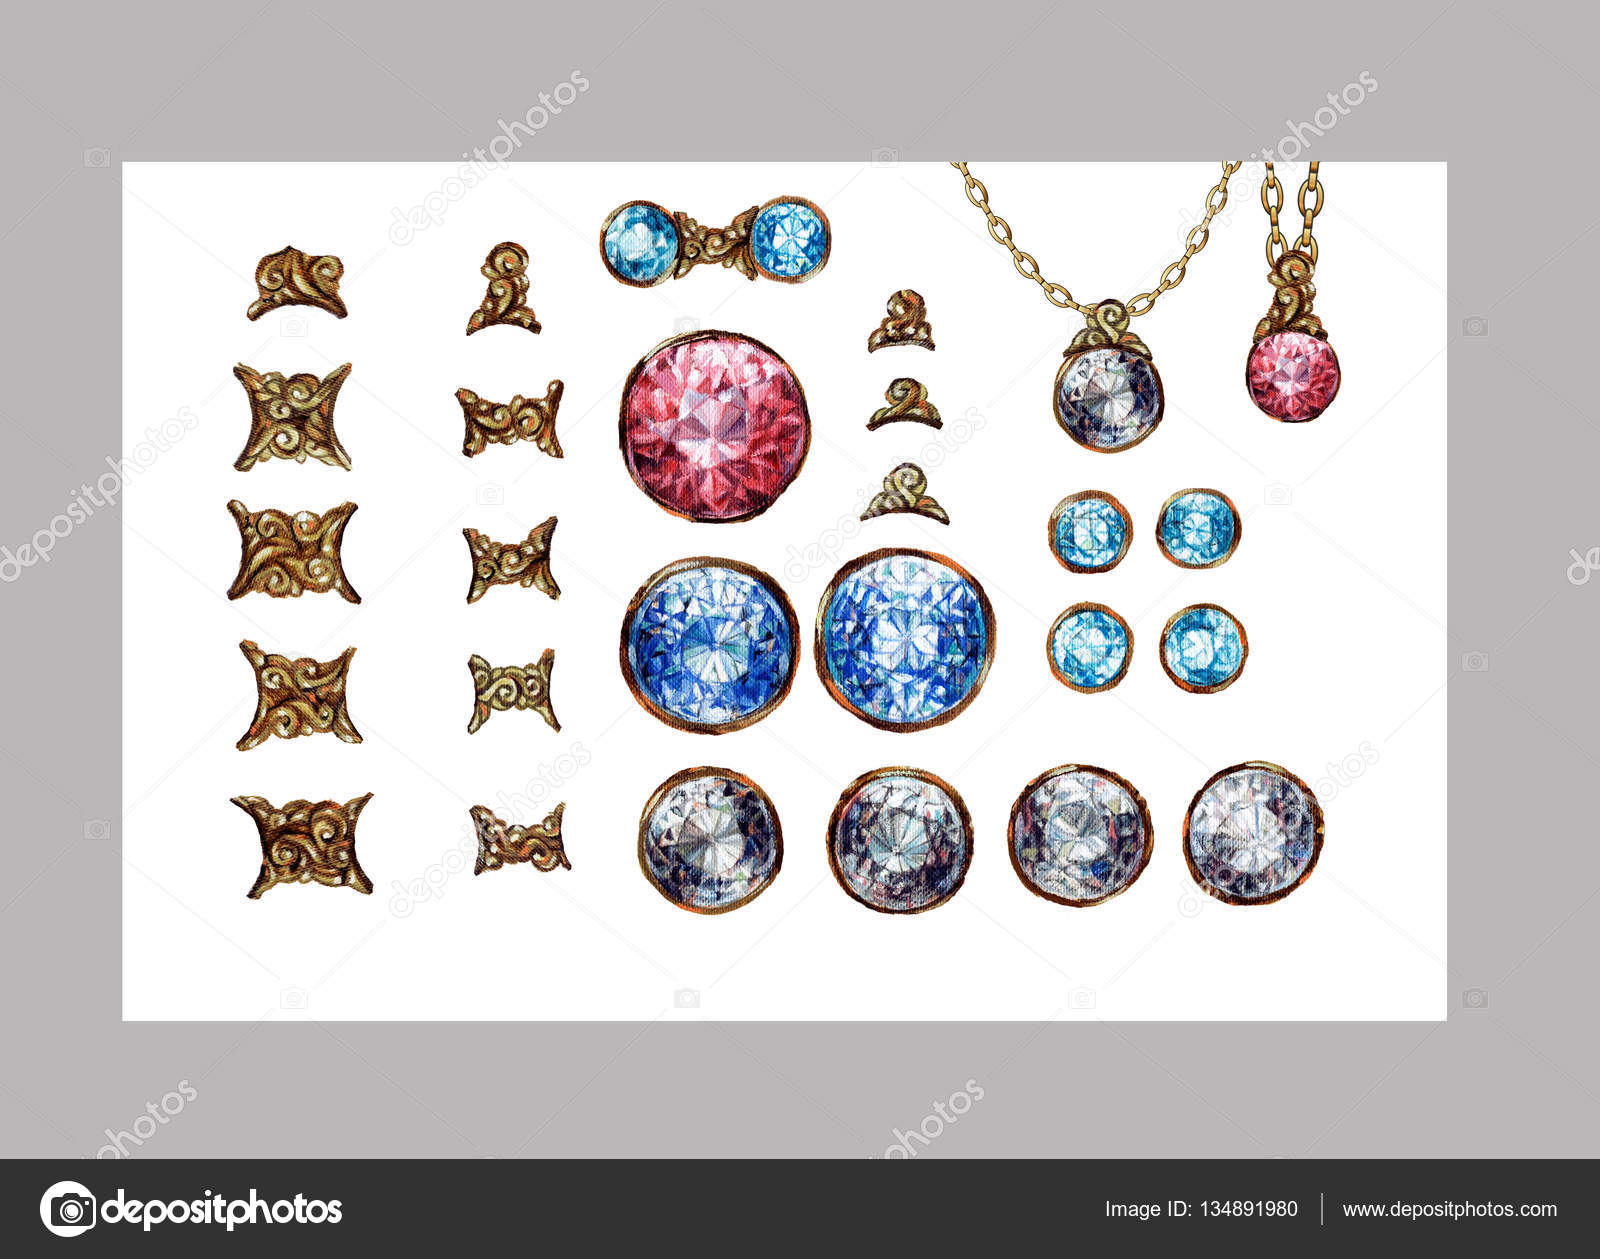 Kézzel rajzolt crystal Drágakövek Drágakövek elszigetelt készlet. Arany  ékszer nyaklánc csatlakozók. Briliáns gyémánt d868705a76